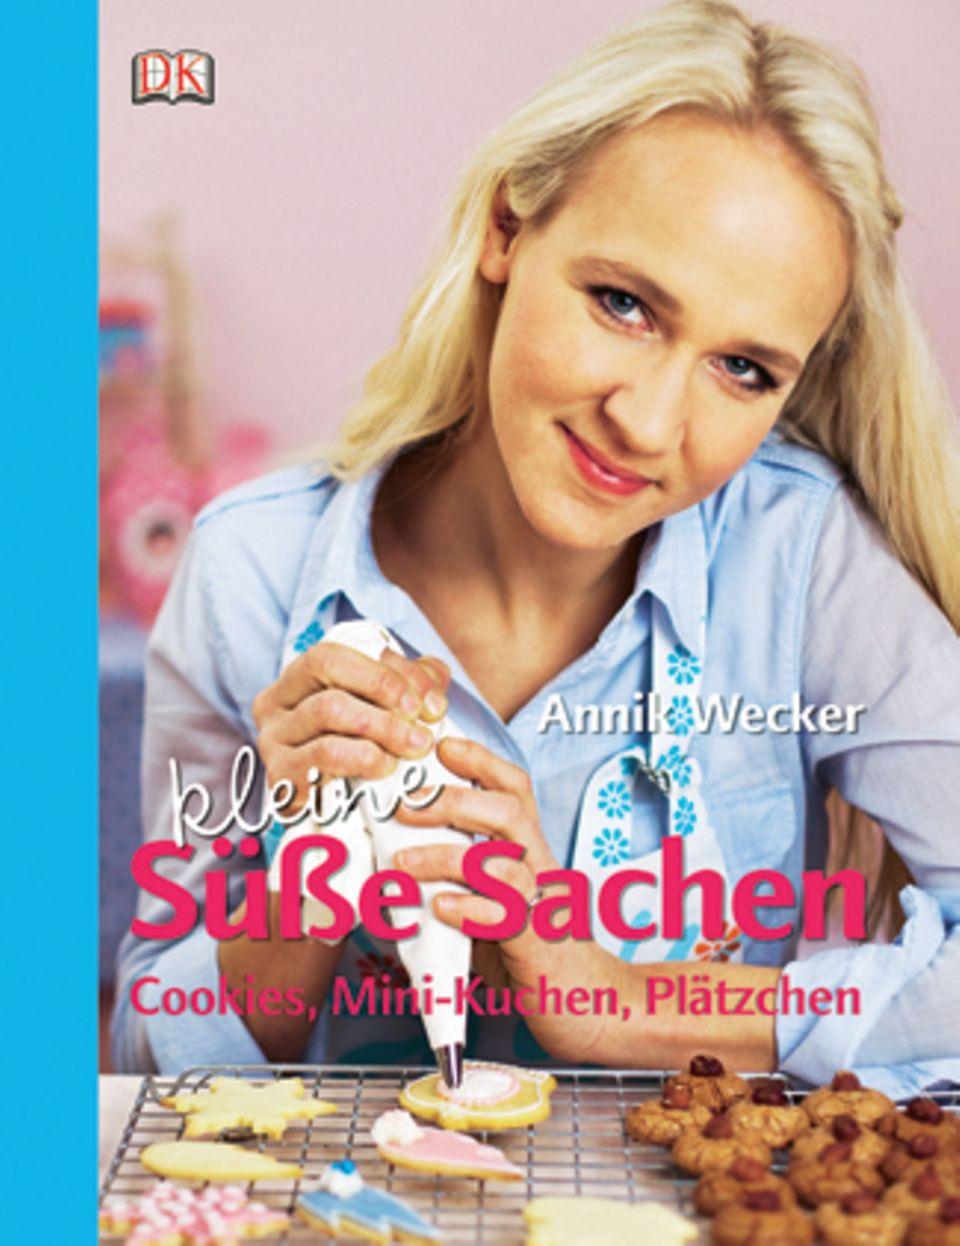 """""""Klein und köstlich"""" lautet die Devise von Annik Weckers neuestem Buch. Die passionierte Bäckerin verrät ihre Rezepte für handliche Knuspereien wie Crinkle Cookies, Banoffee-Mini-Tartelettes und Buttermilch-Muffins. Dazu gibt es ganz persönliche Geling-Tipps. Ran an den Ofen! (""""Annik Wecker - Kleine Süße Sachen"""", Dorling Kindersley Verlag, 192 S., 19,95 Euro)"""